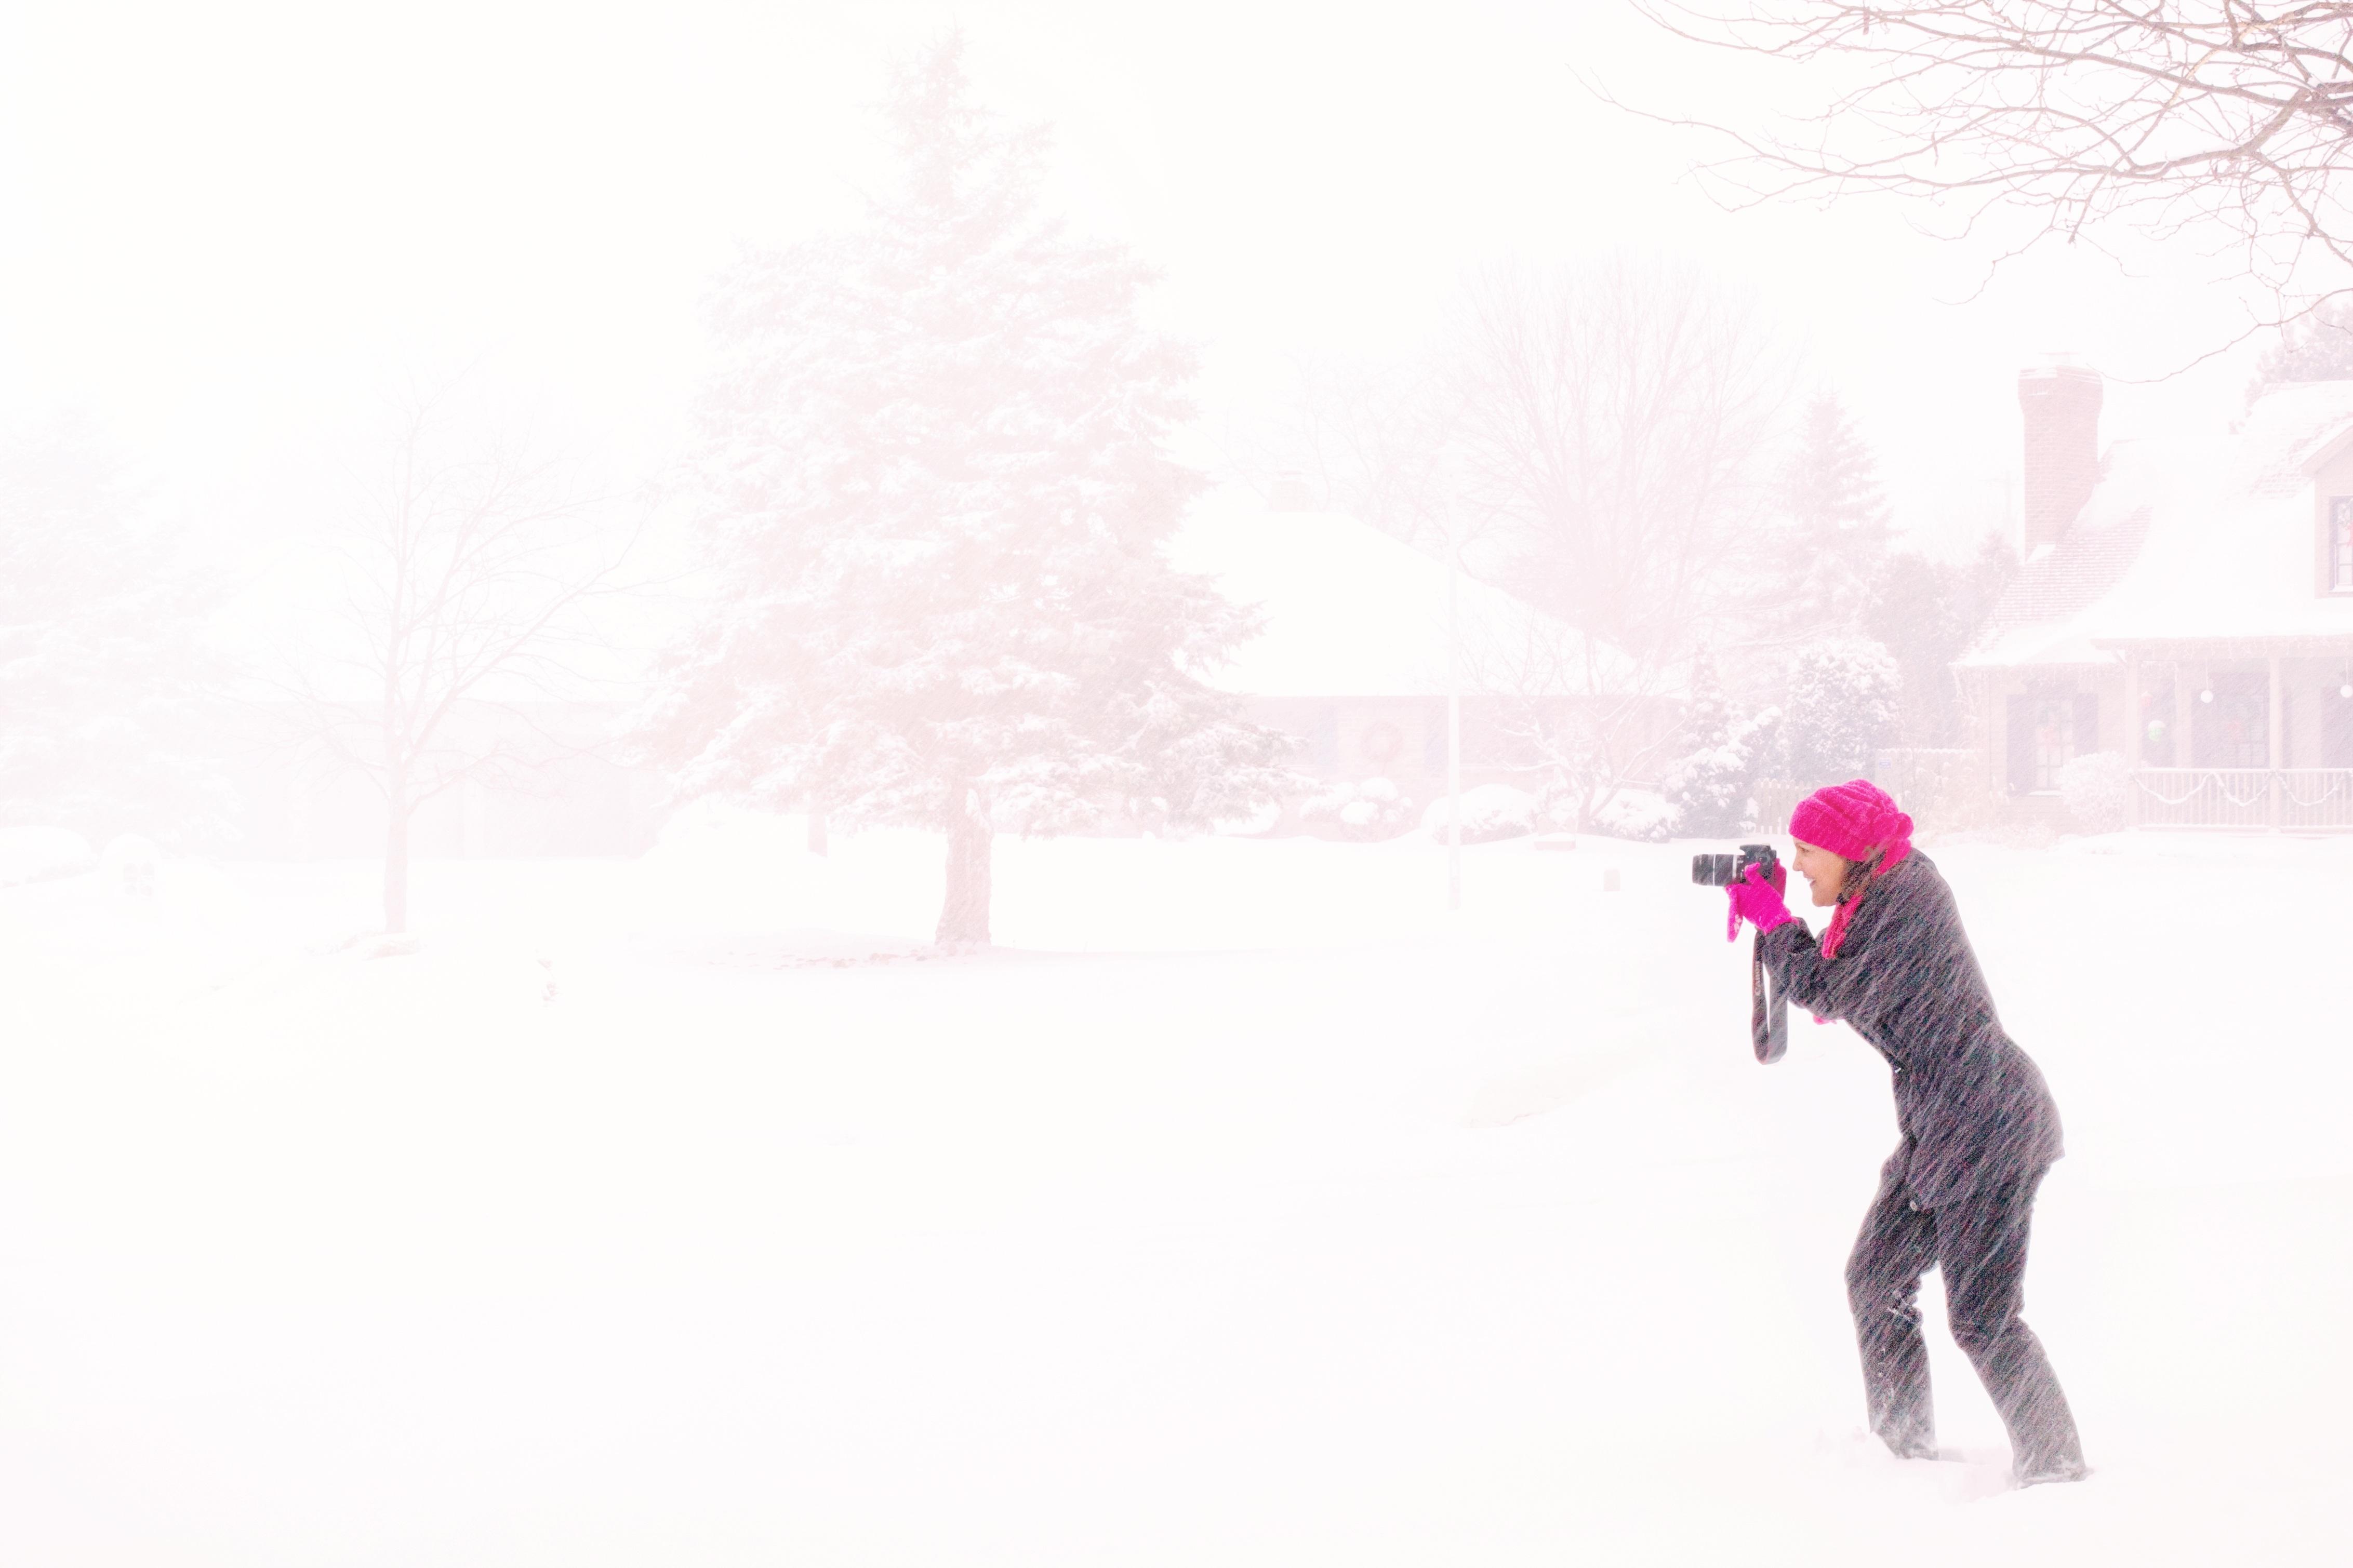 википедии есть как фотографировать в снежную погоду пользуйтесь